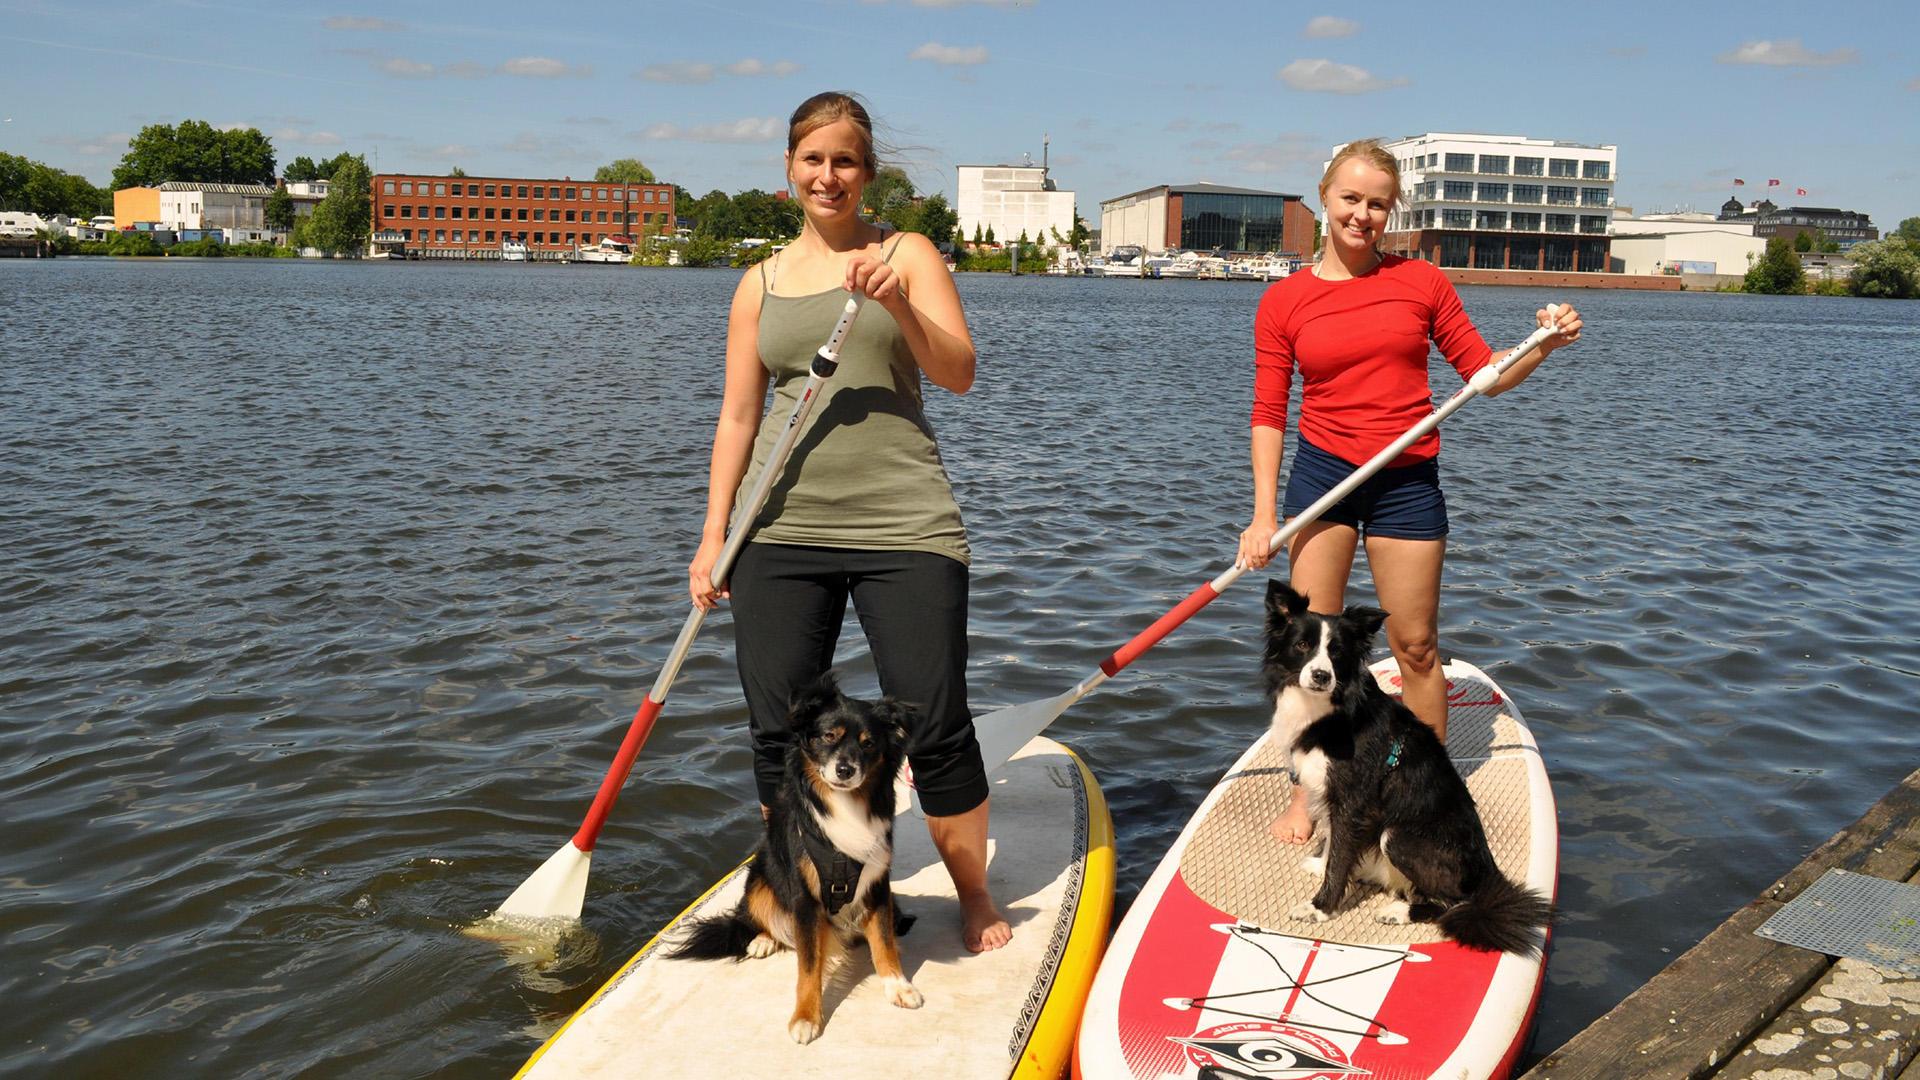 Thema heute u.a.: Stand UP Paddling mit Hund | Folge 29